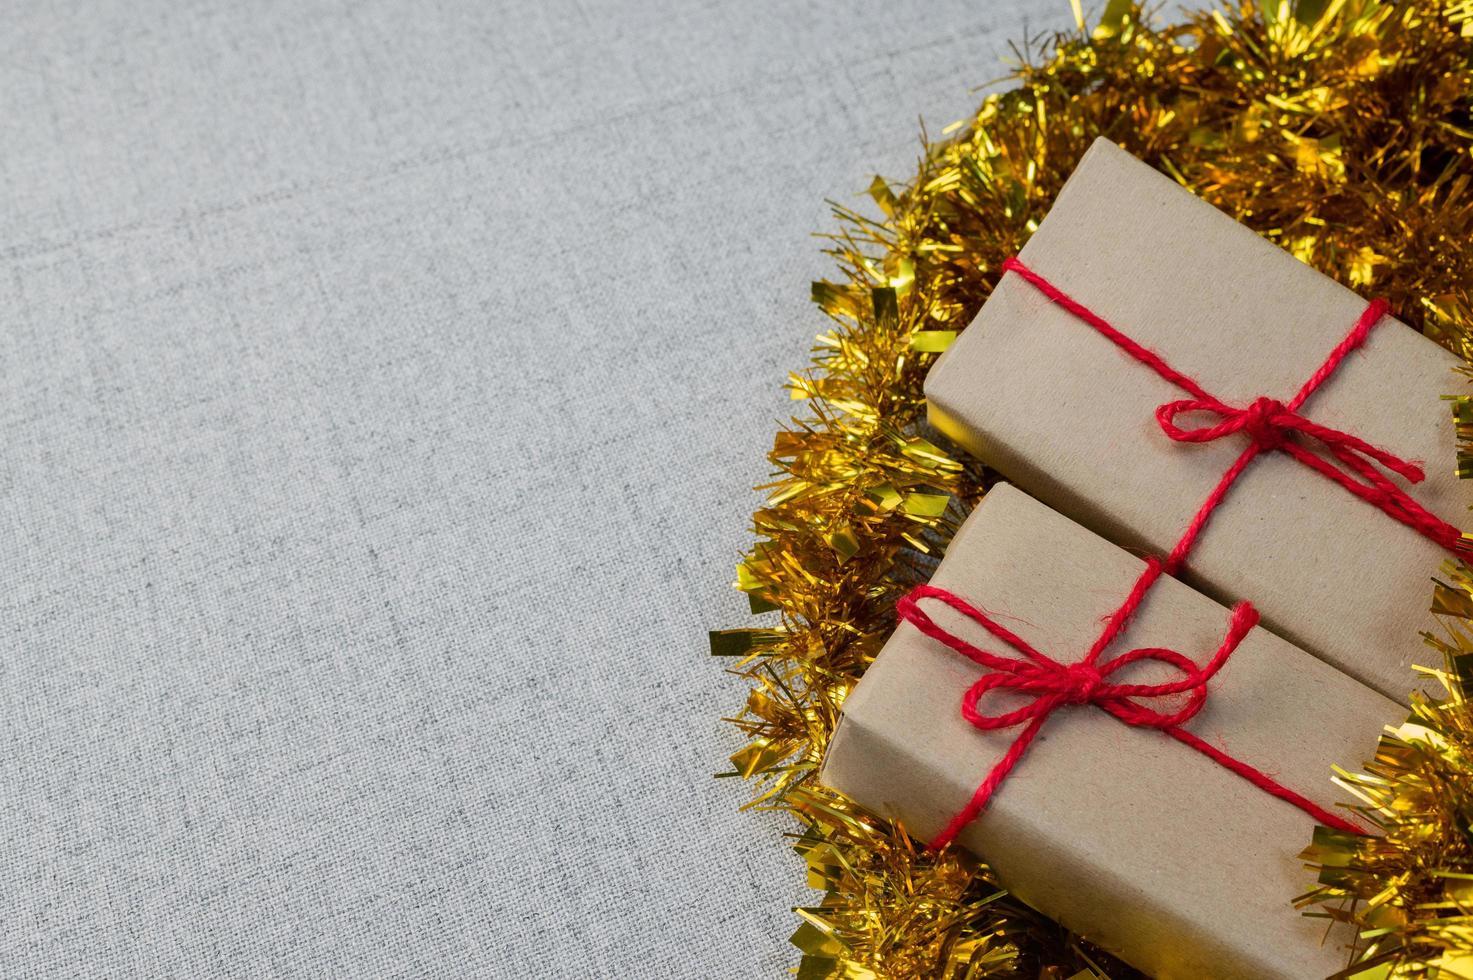 presentförpackning, nyårspresentlåda, julklappslåda, kopieringsutrymme. jul, hew år, födelsedagskoncept. foto